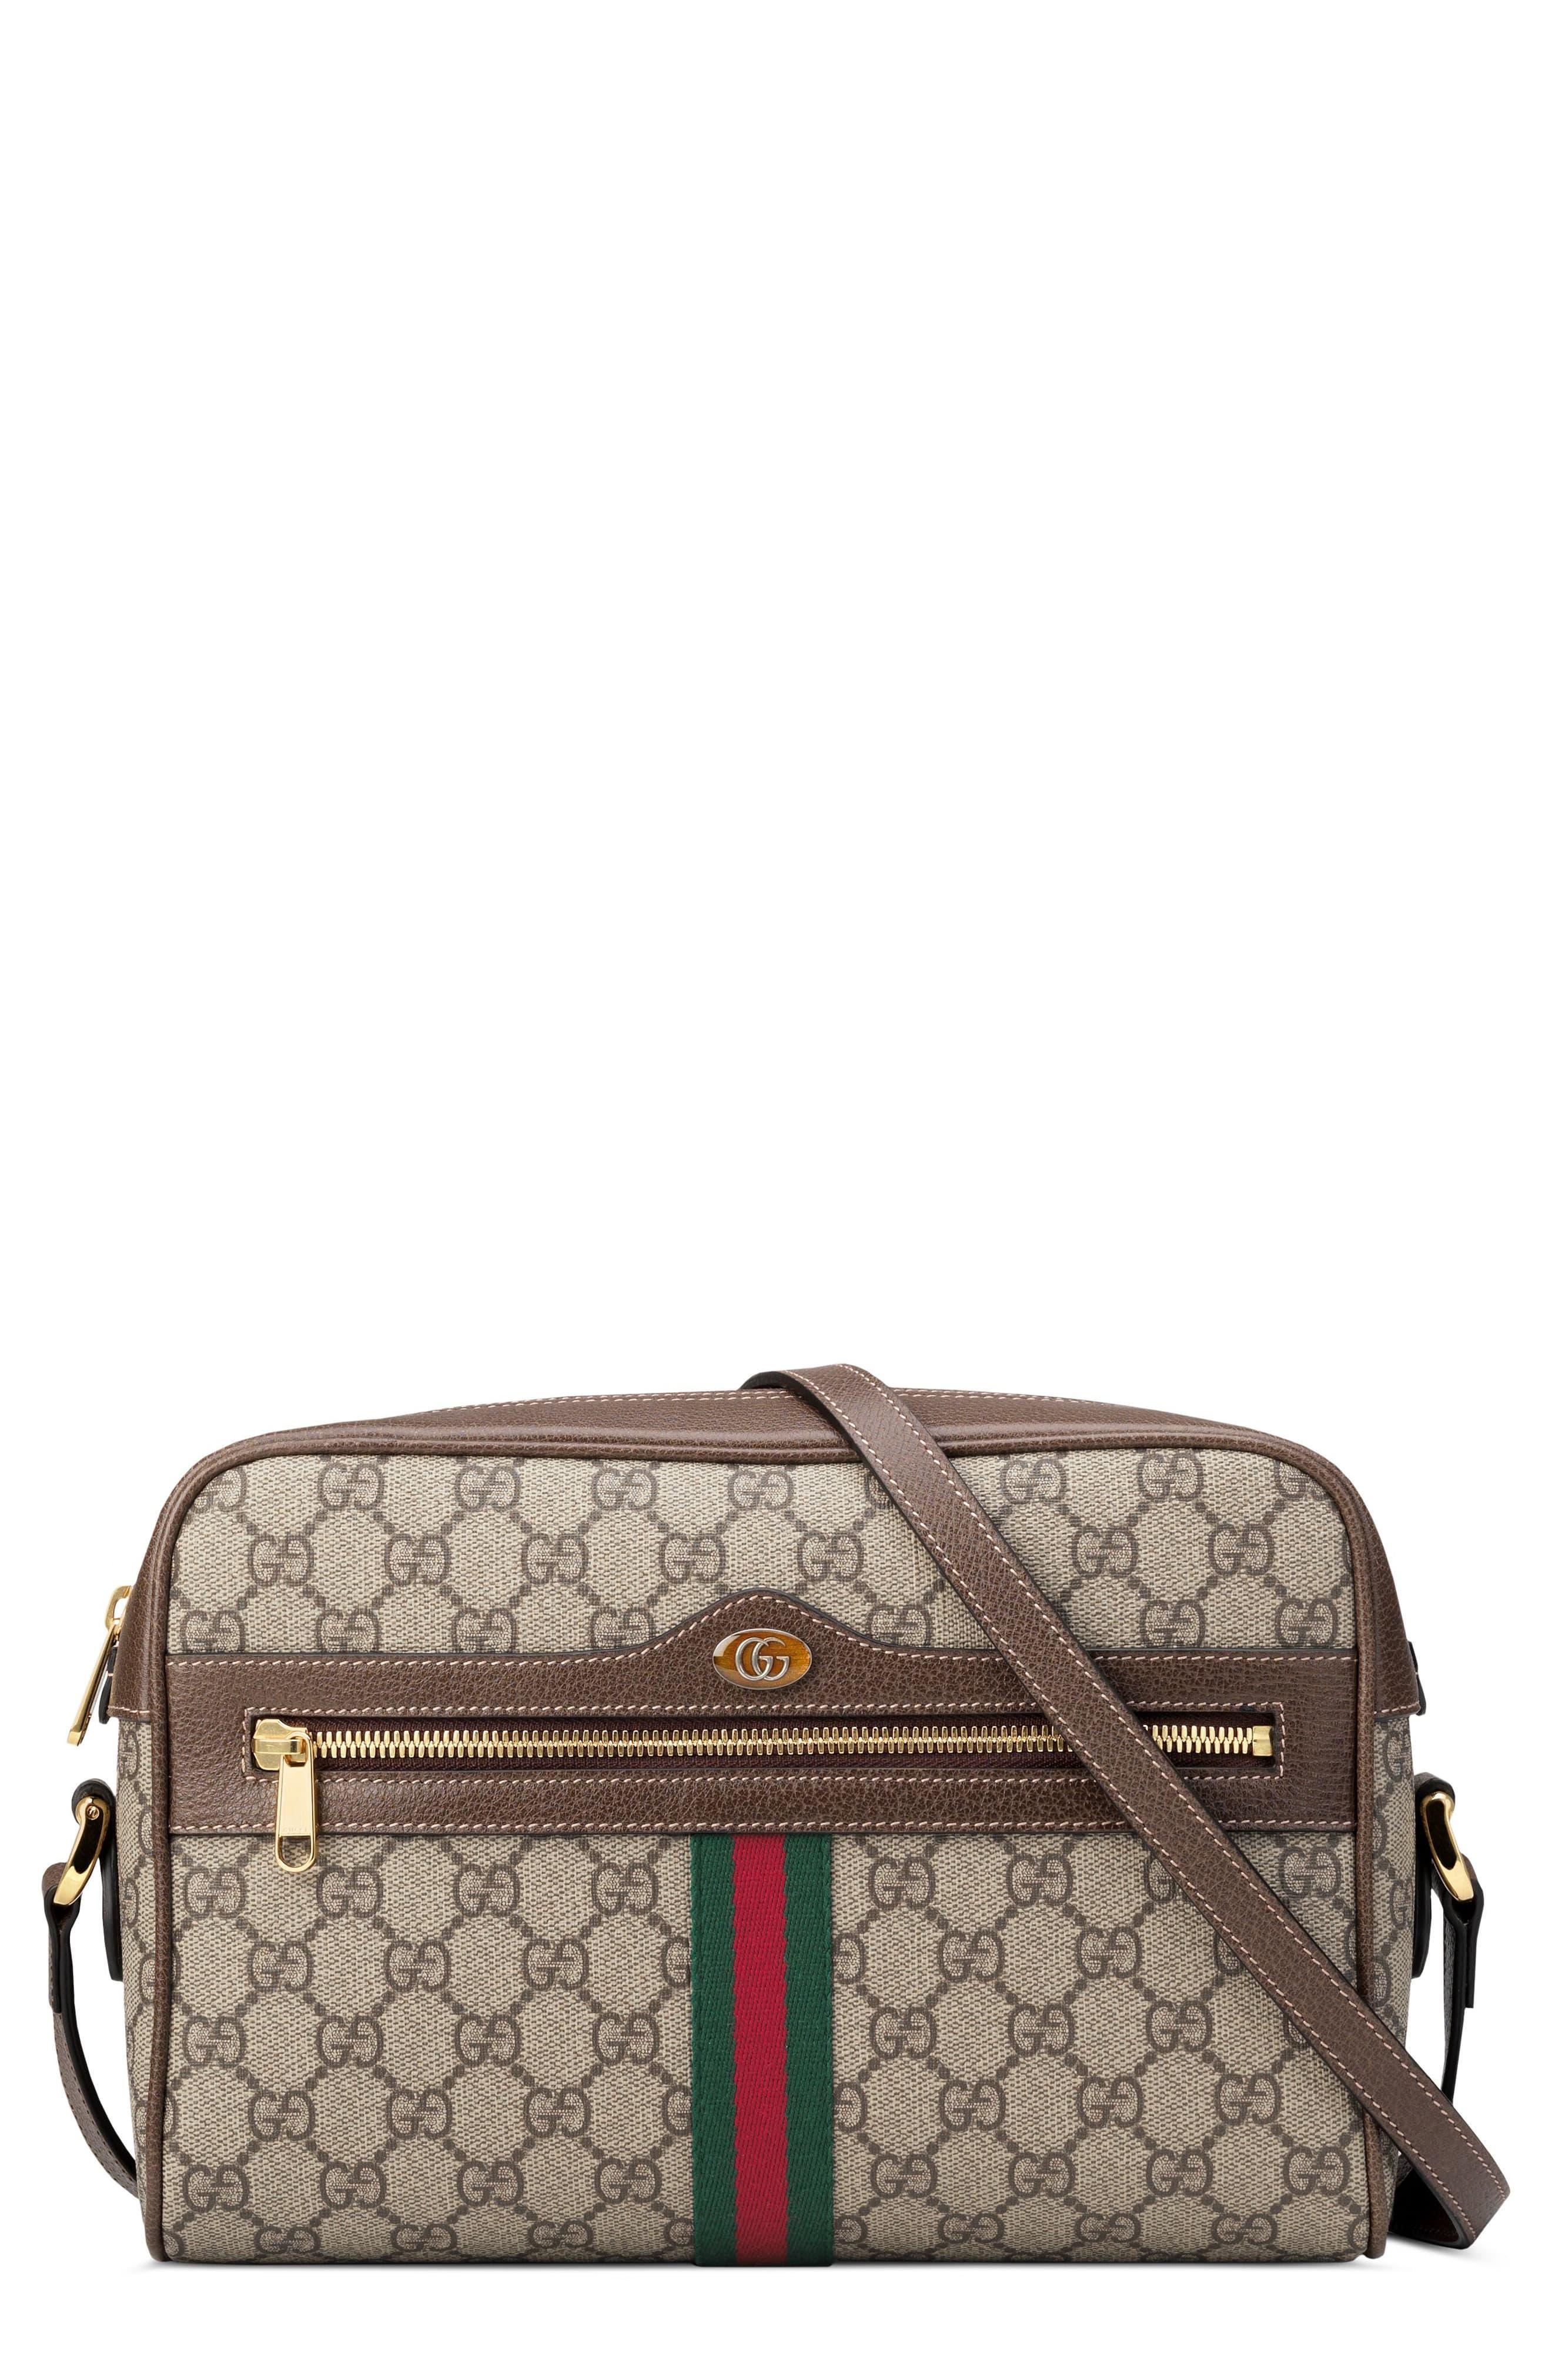 e5a903f3ceba Gucci Ophidia Gg Supreme Canvas Crossbody Bag in Natural - Lyst